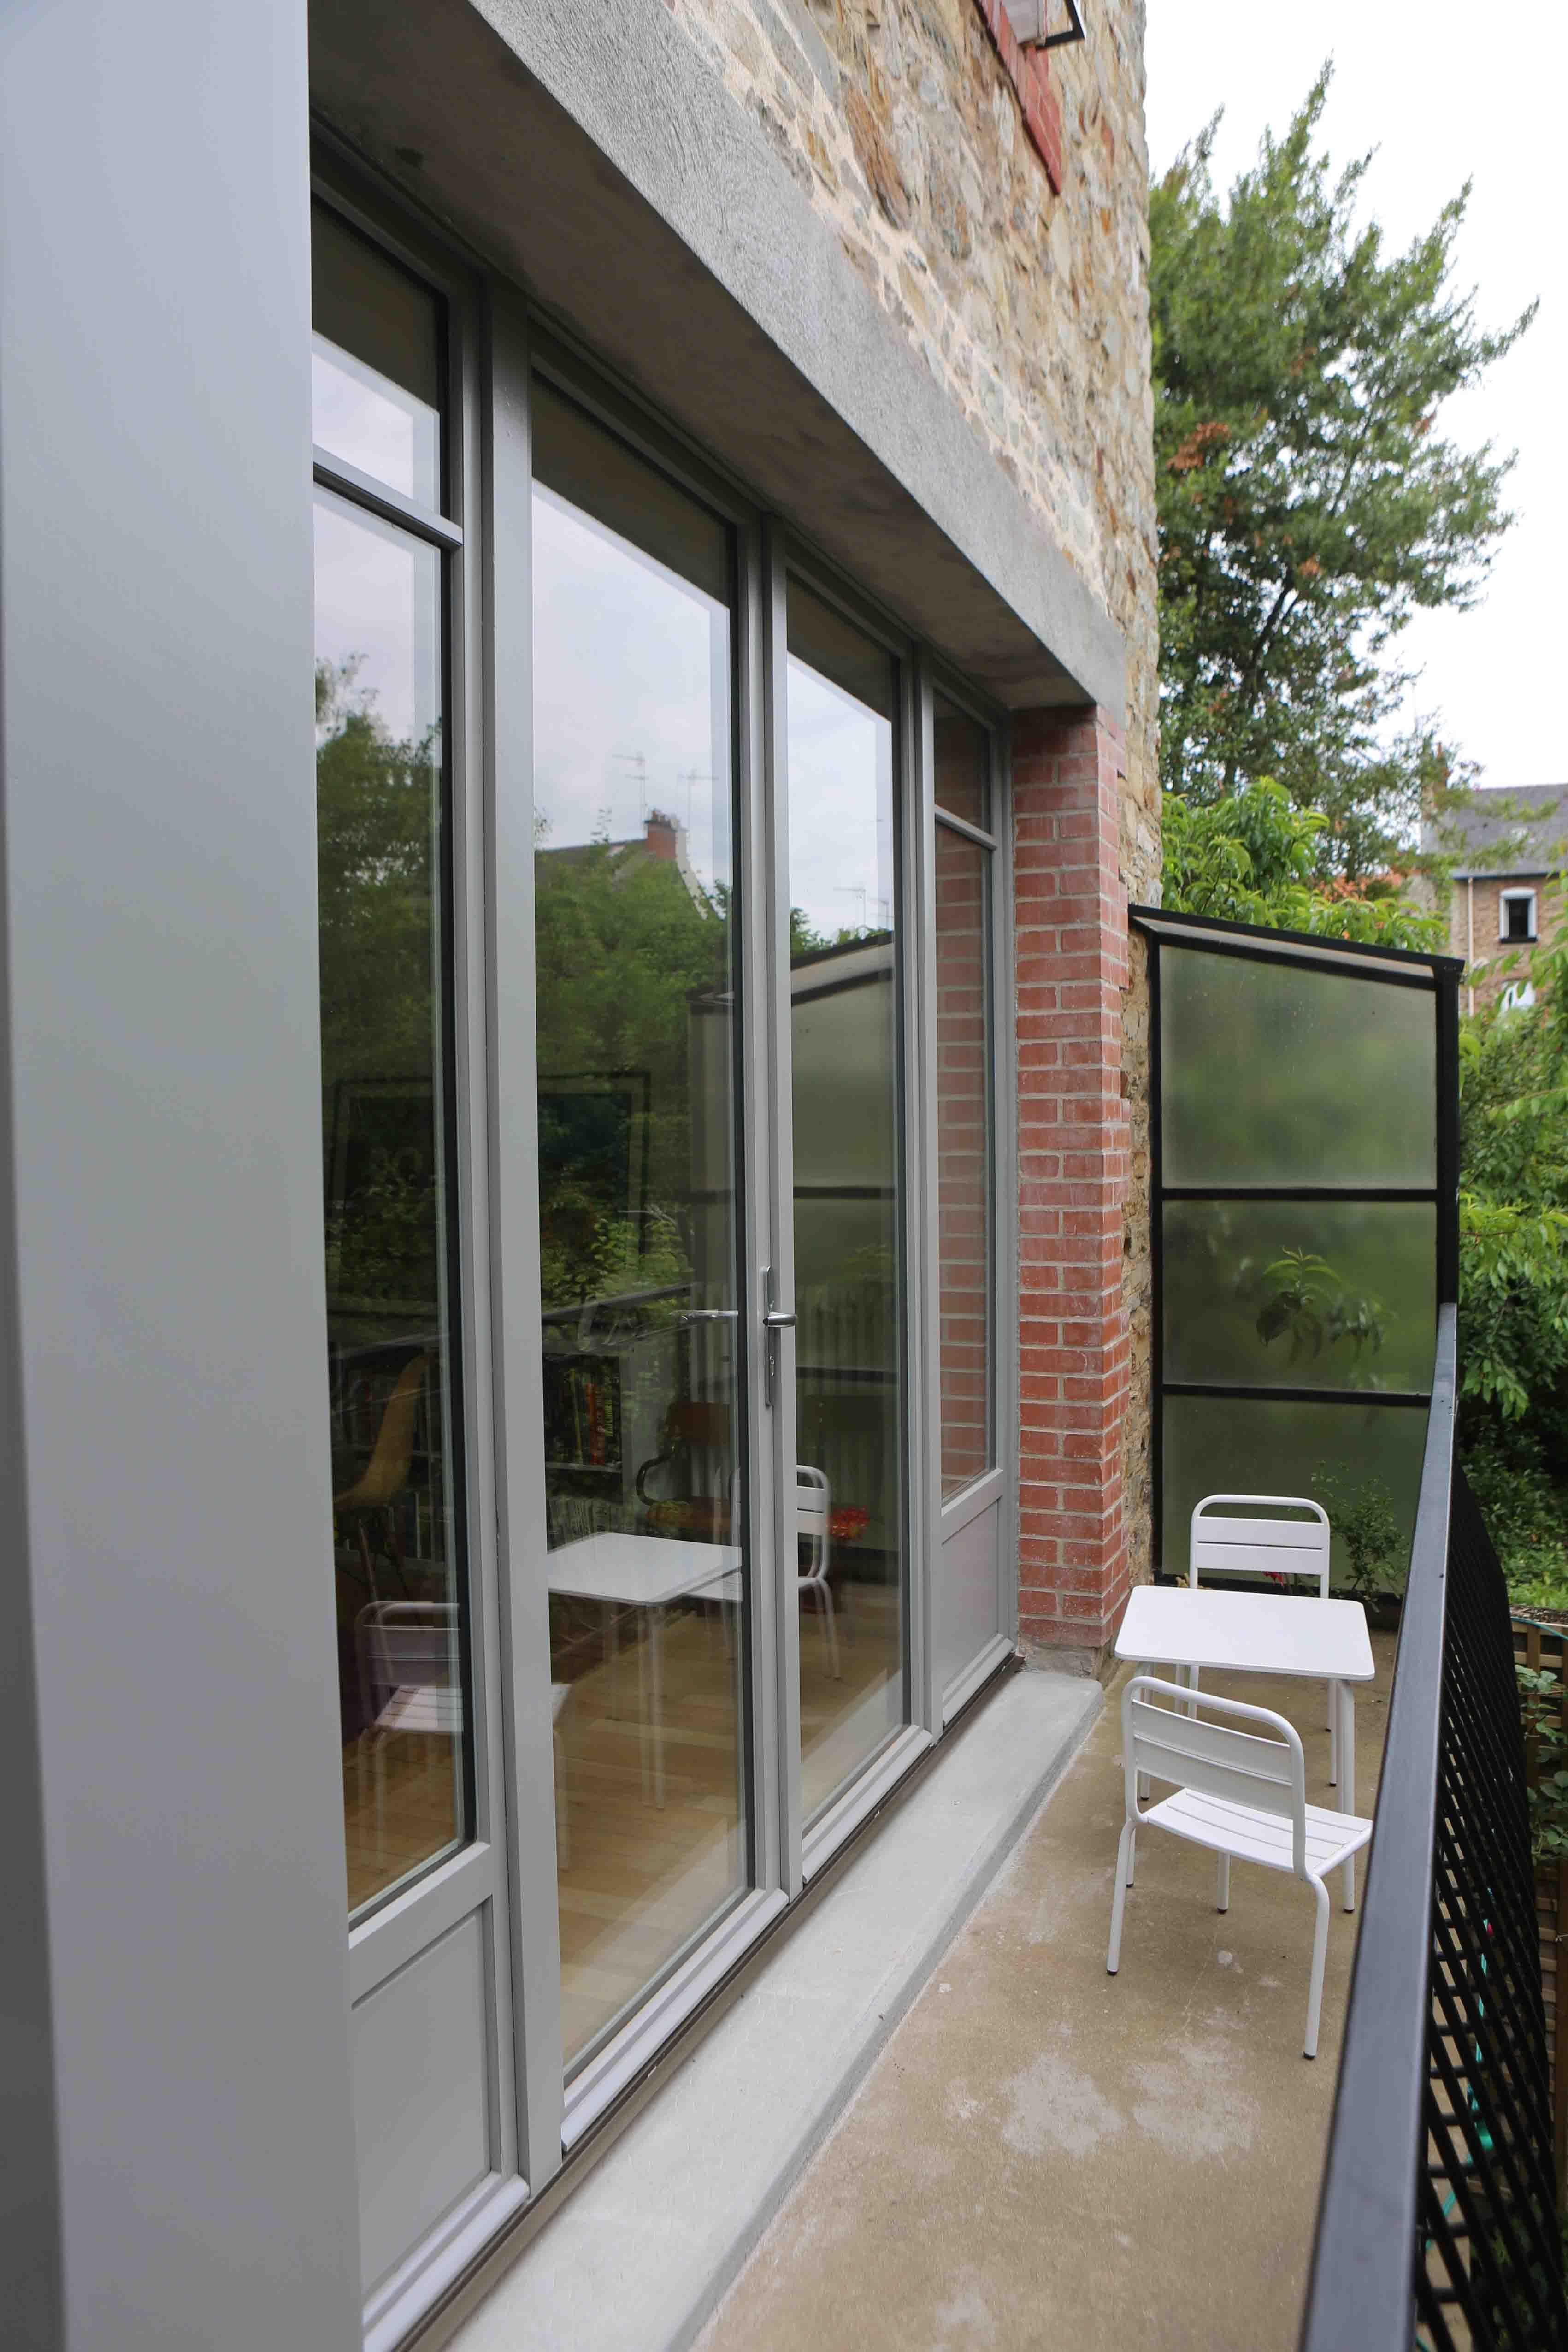 Maison Rennaise concernant transformation d'une maison rennaise   projets de l'agence